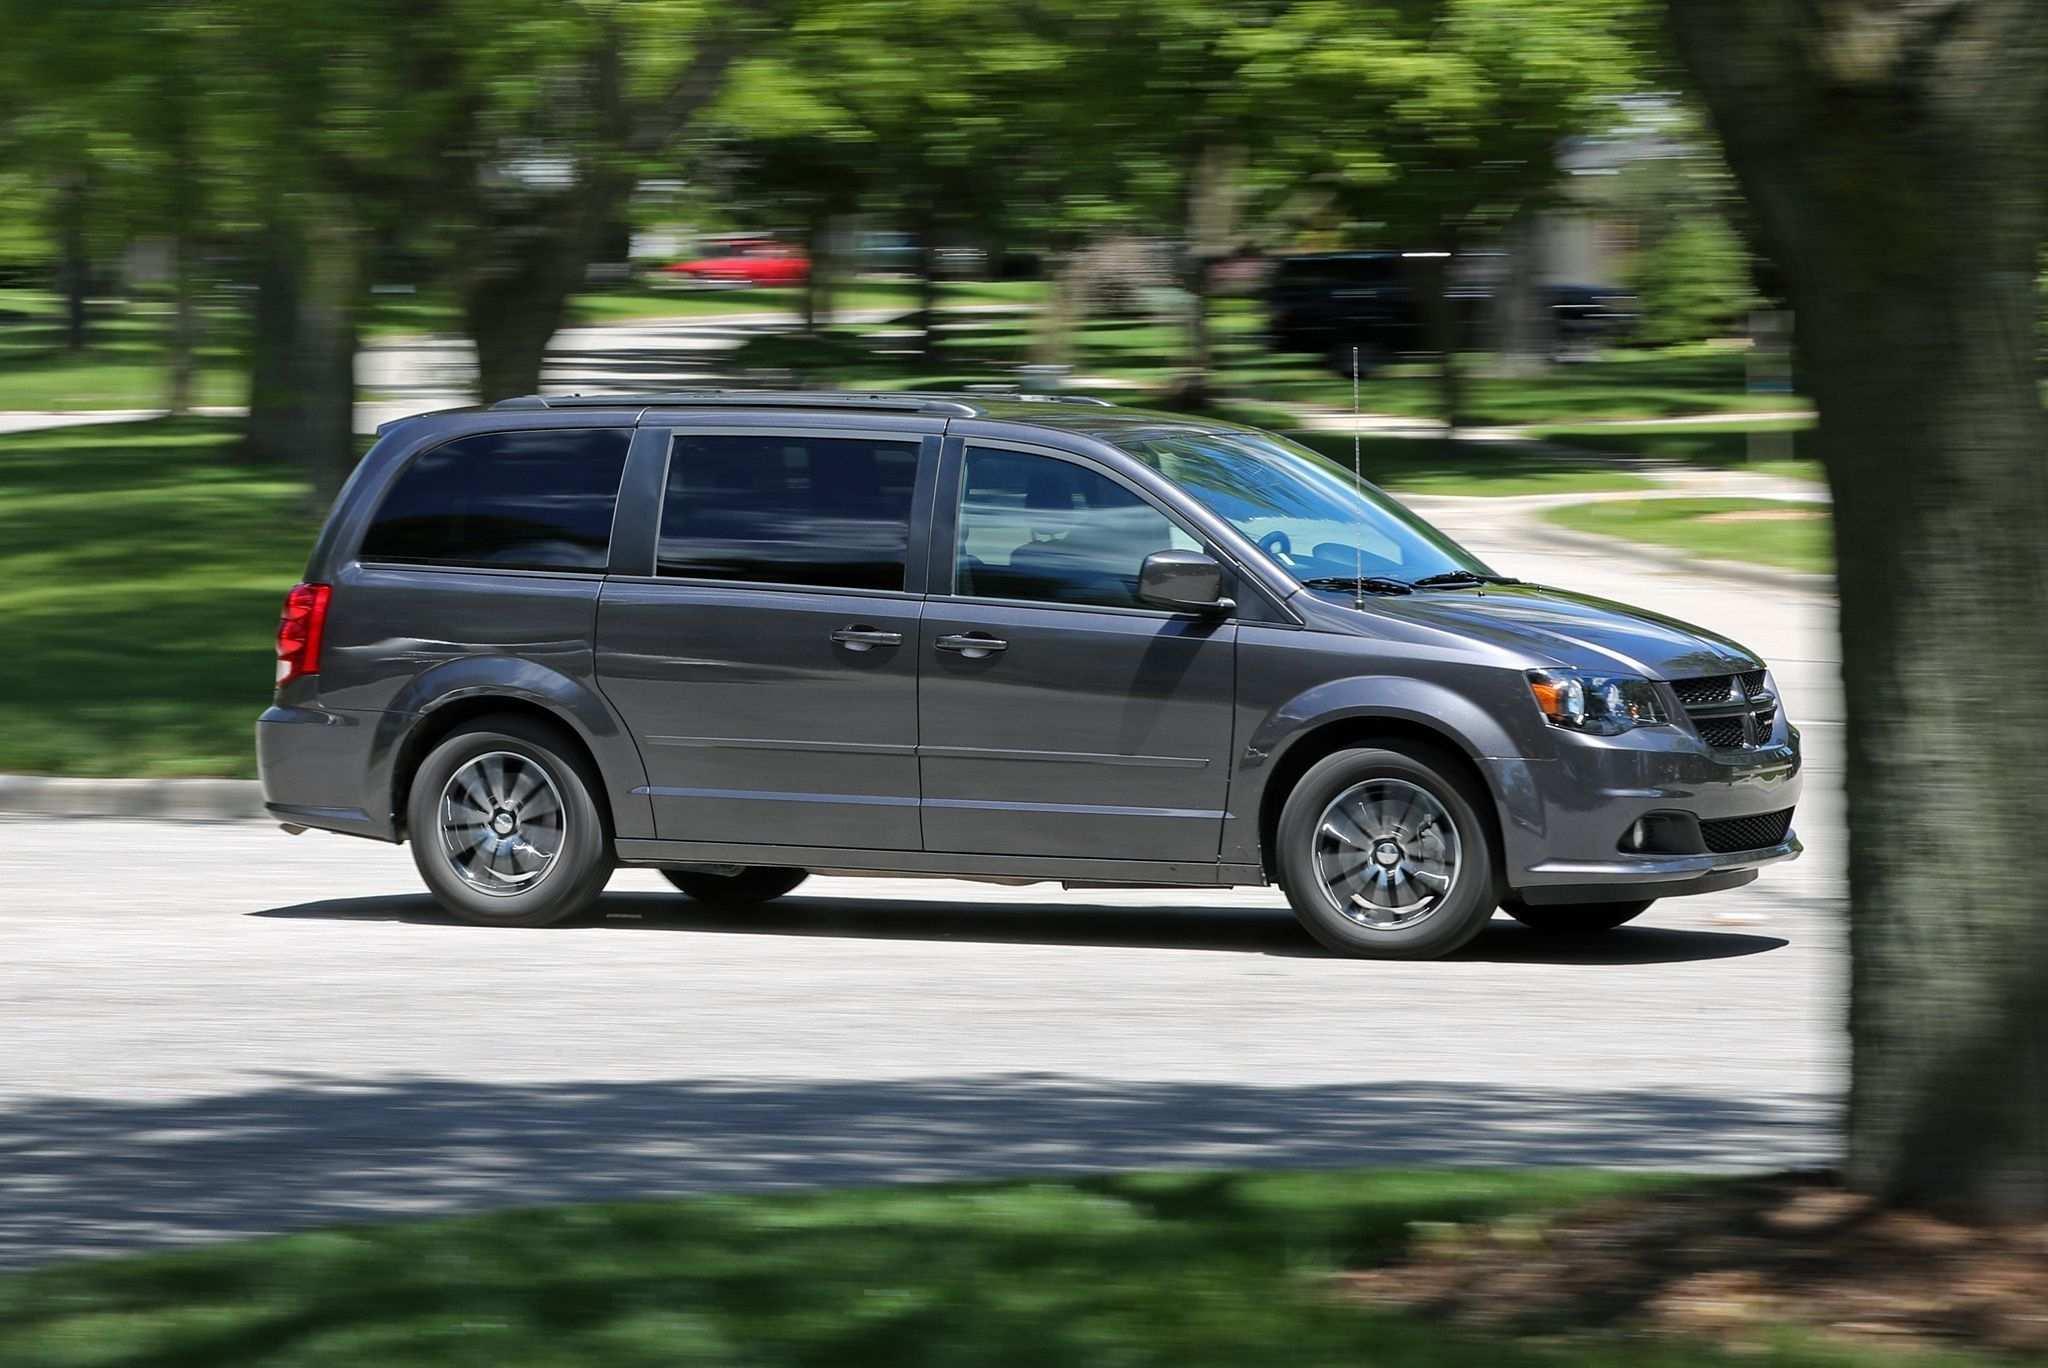 32 Great 2020 Dodge Caravan Spy Shoot for 2020 Dodge Caravan